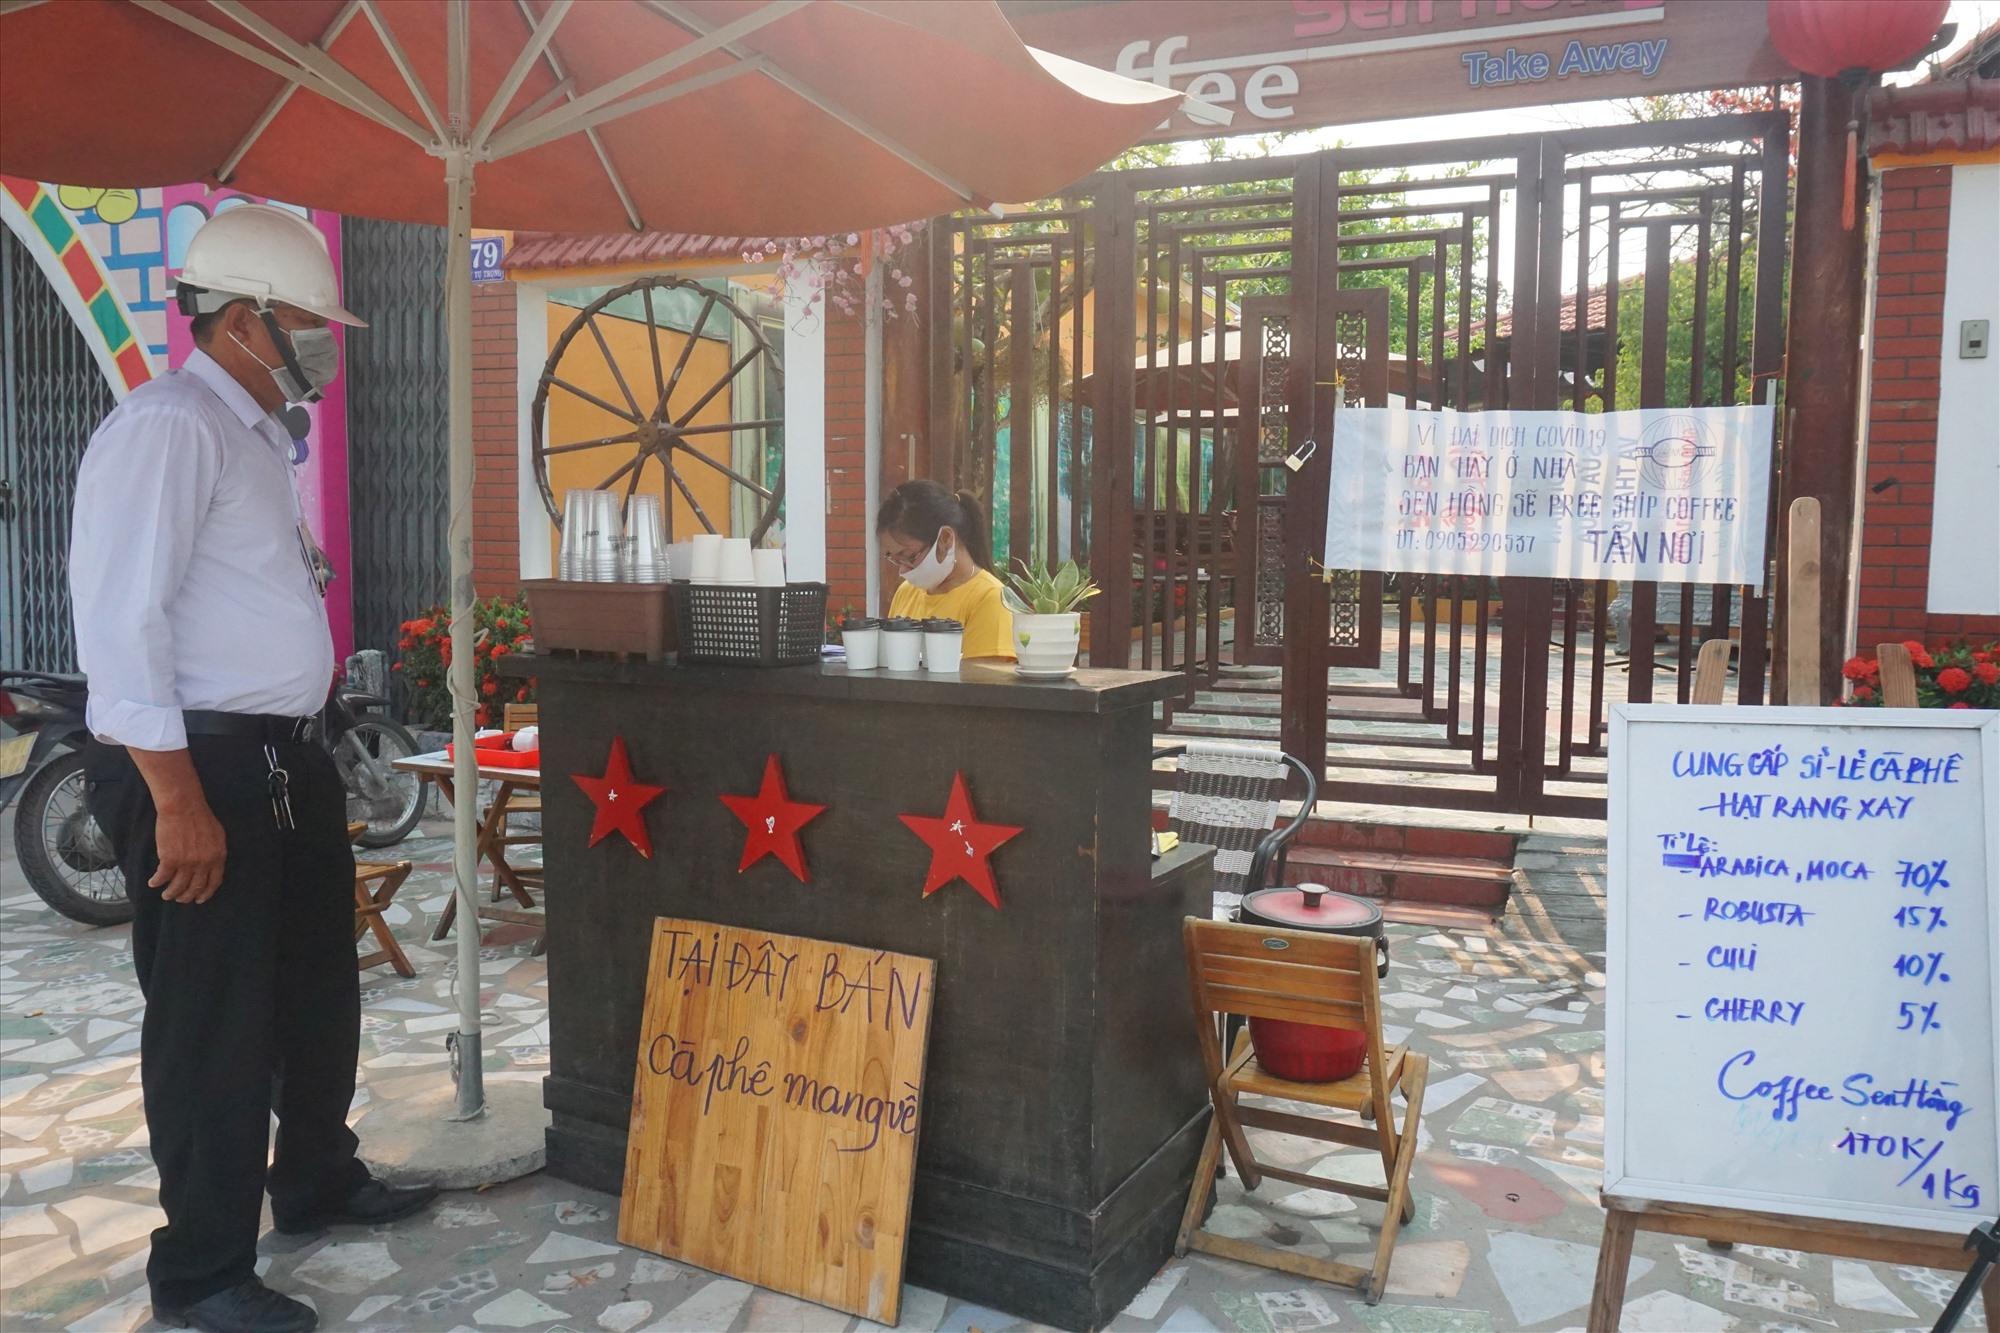 Các quán cà phê trên địa bàn thị trấn Hà Lam đã chuyển sang phục vụ mang về, không phục vụ tại chỗ.